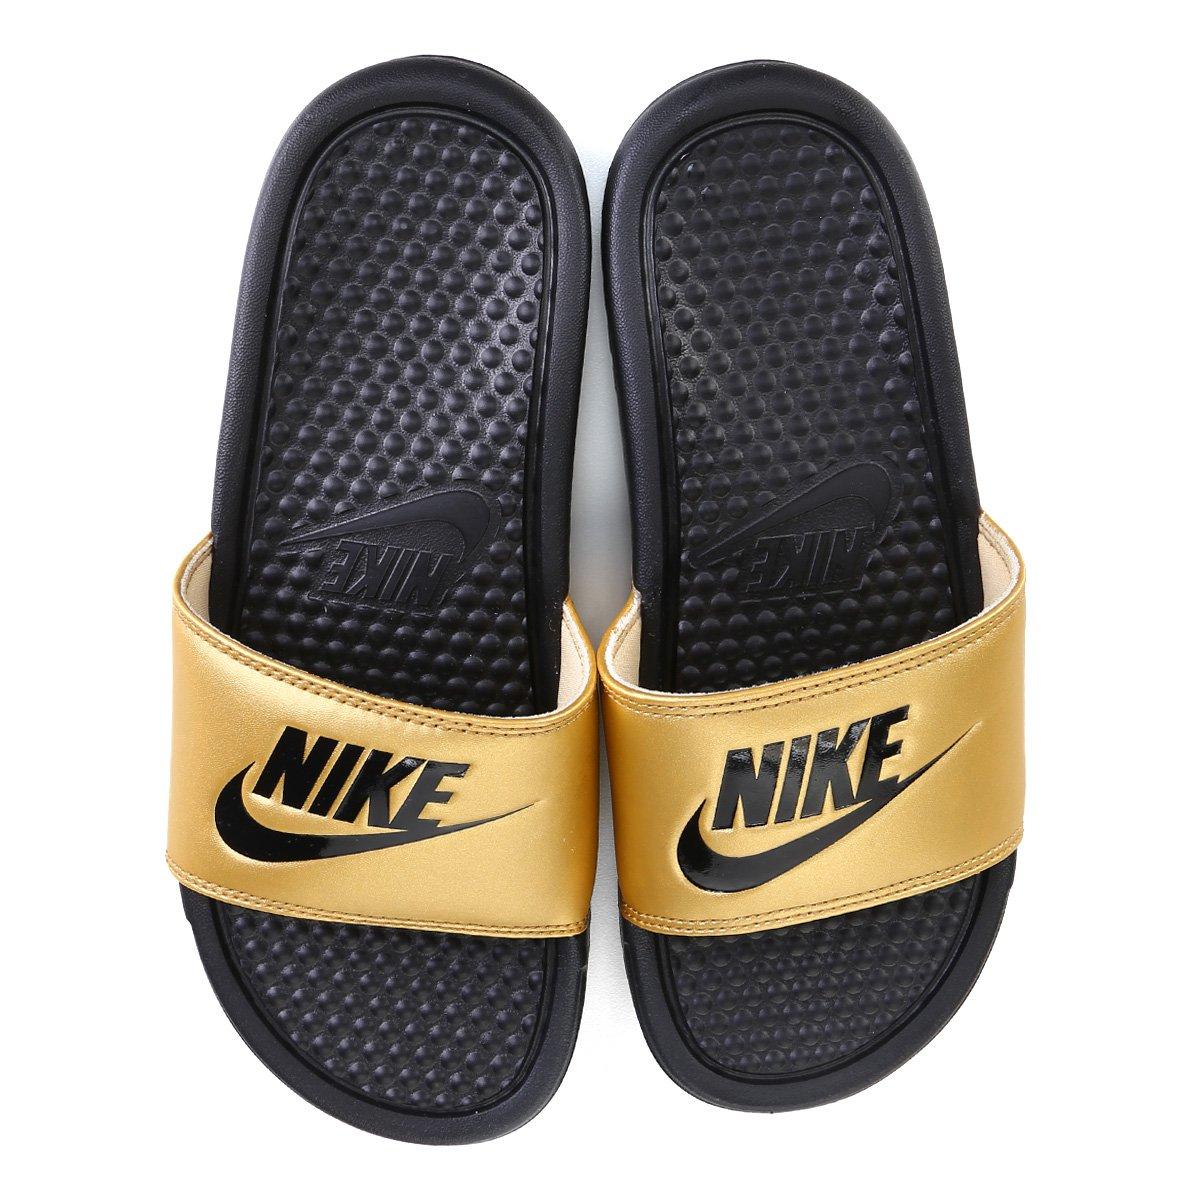 Chinelo Nike Benassi Jdi Slide Feminino Preto E Dourado